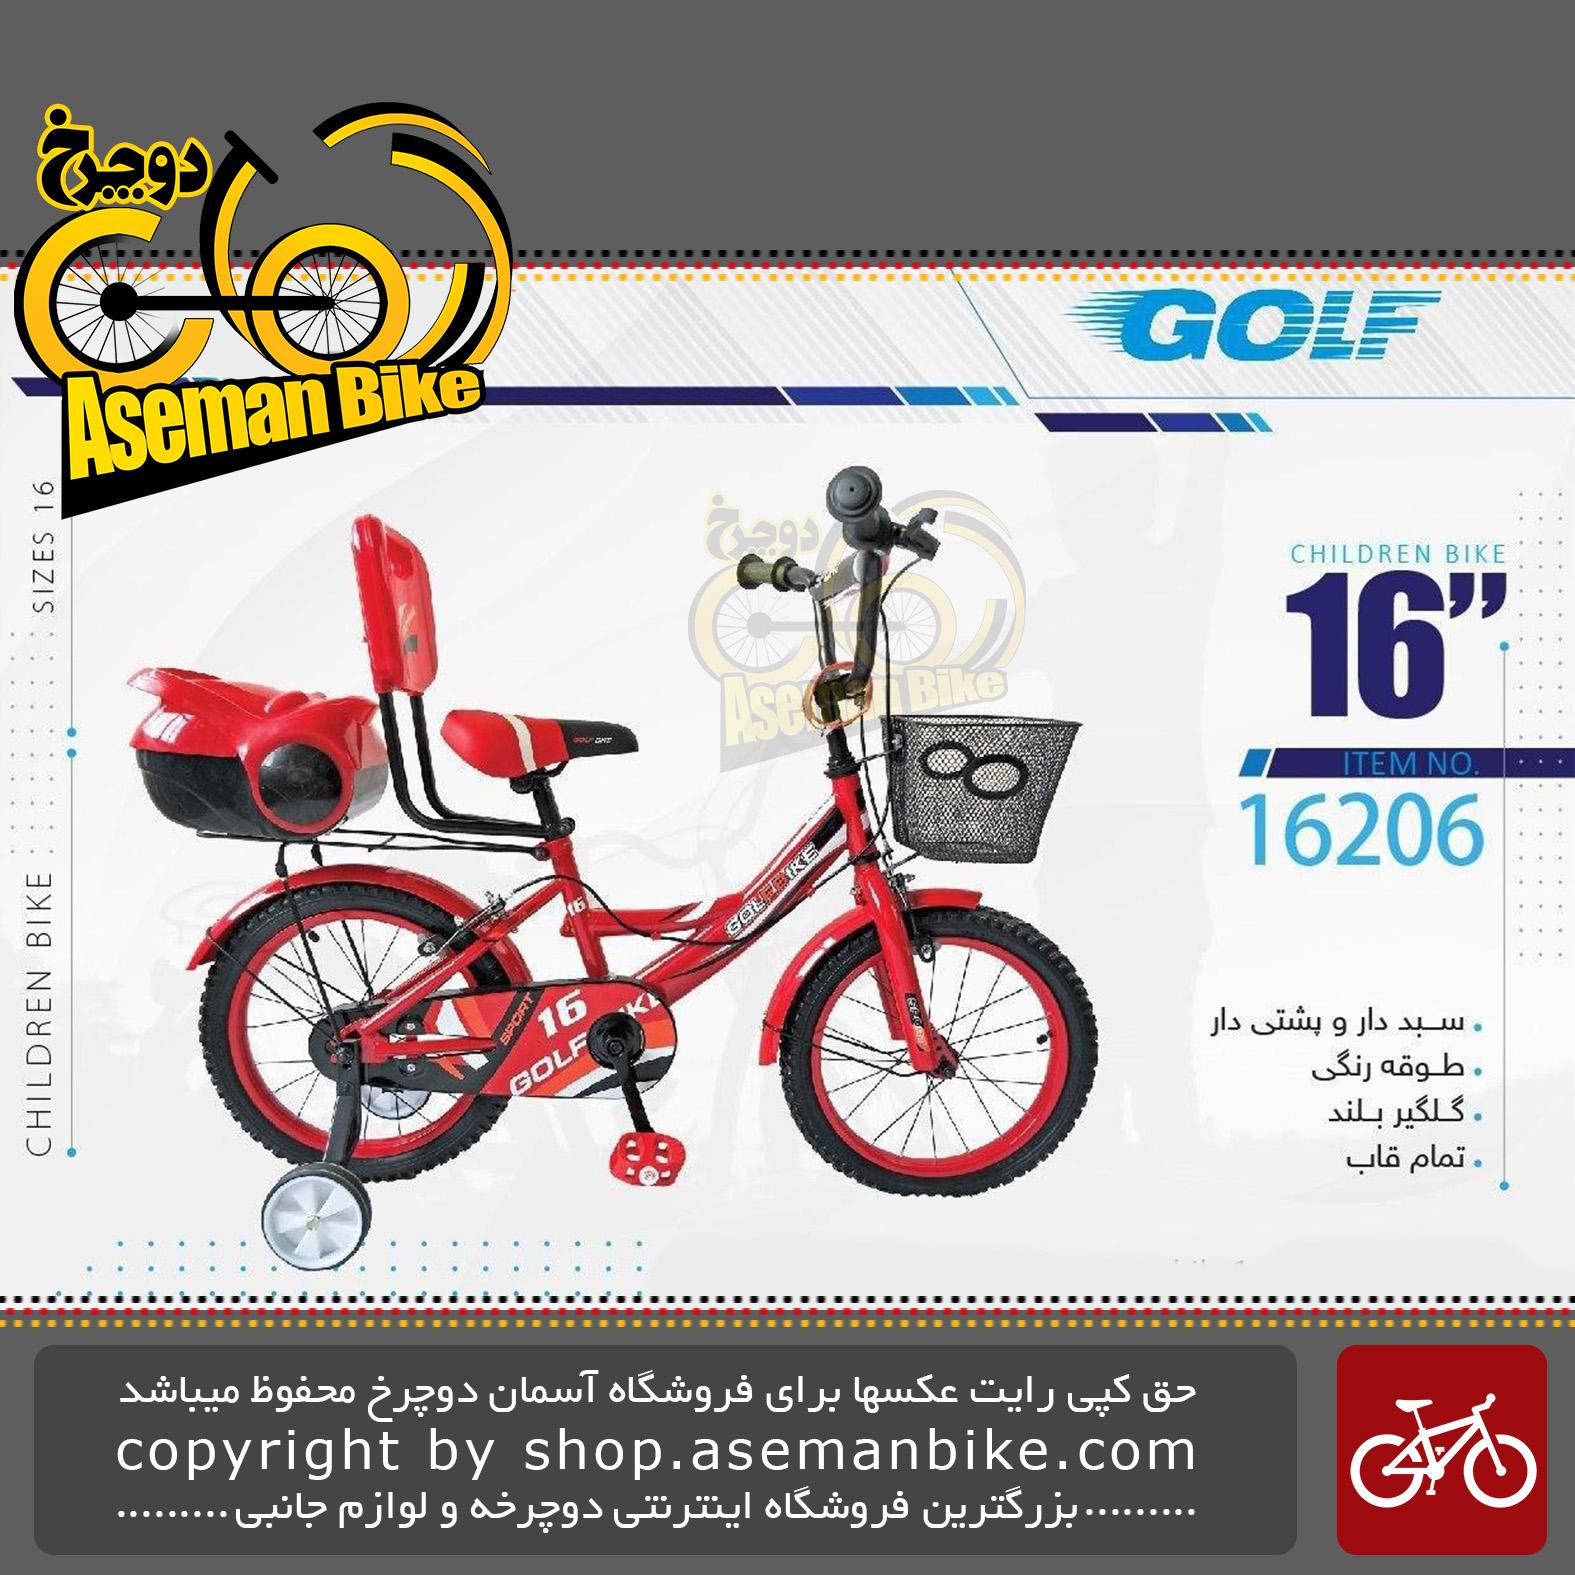 دوچرخه بچگانه گلف سایز 16 صندوق دار پشتی دار سبد دار مدل 16206 GOLF Bicycle Kids Size 16 Model 16206